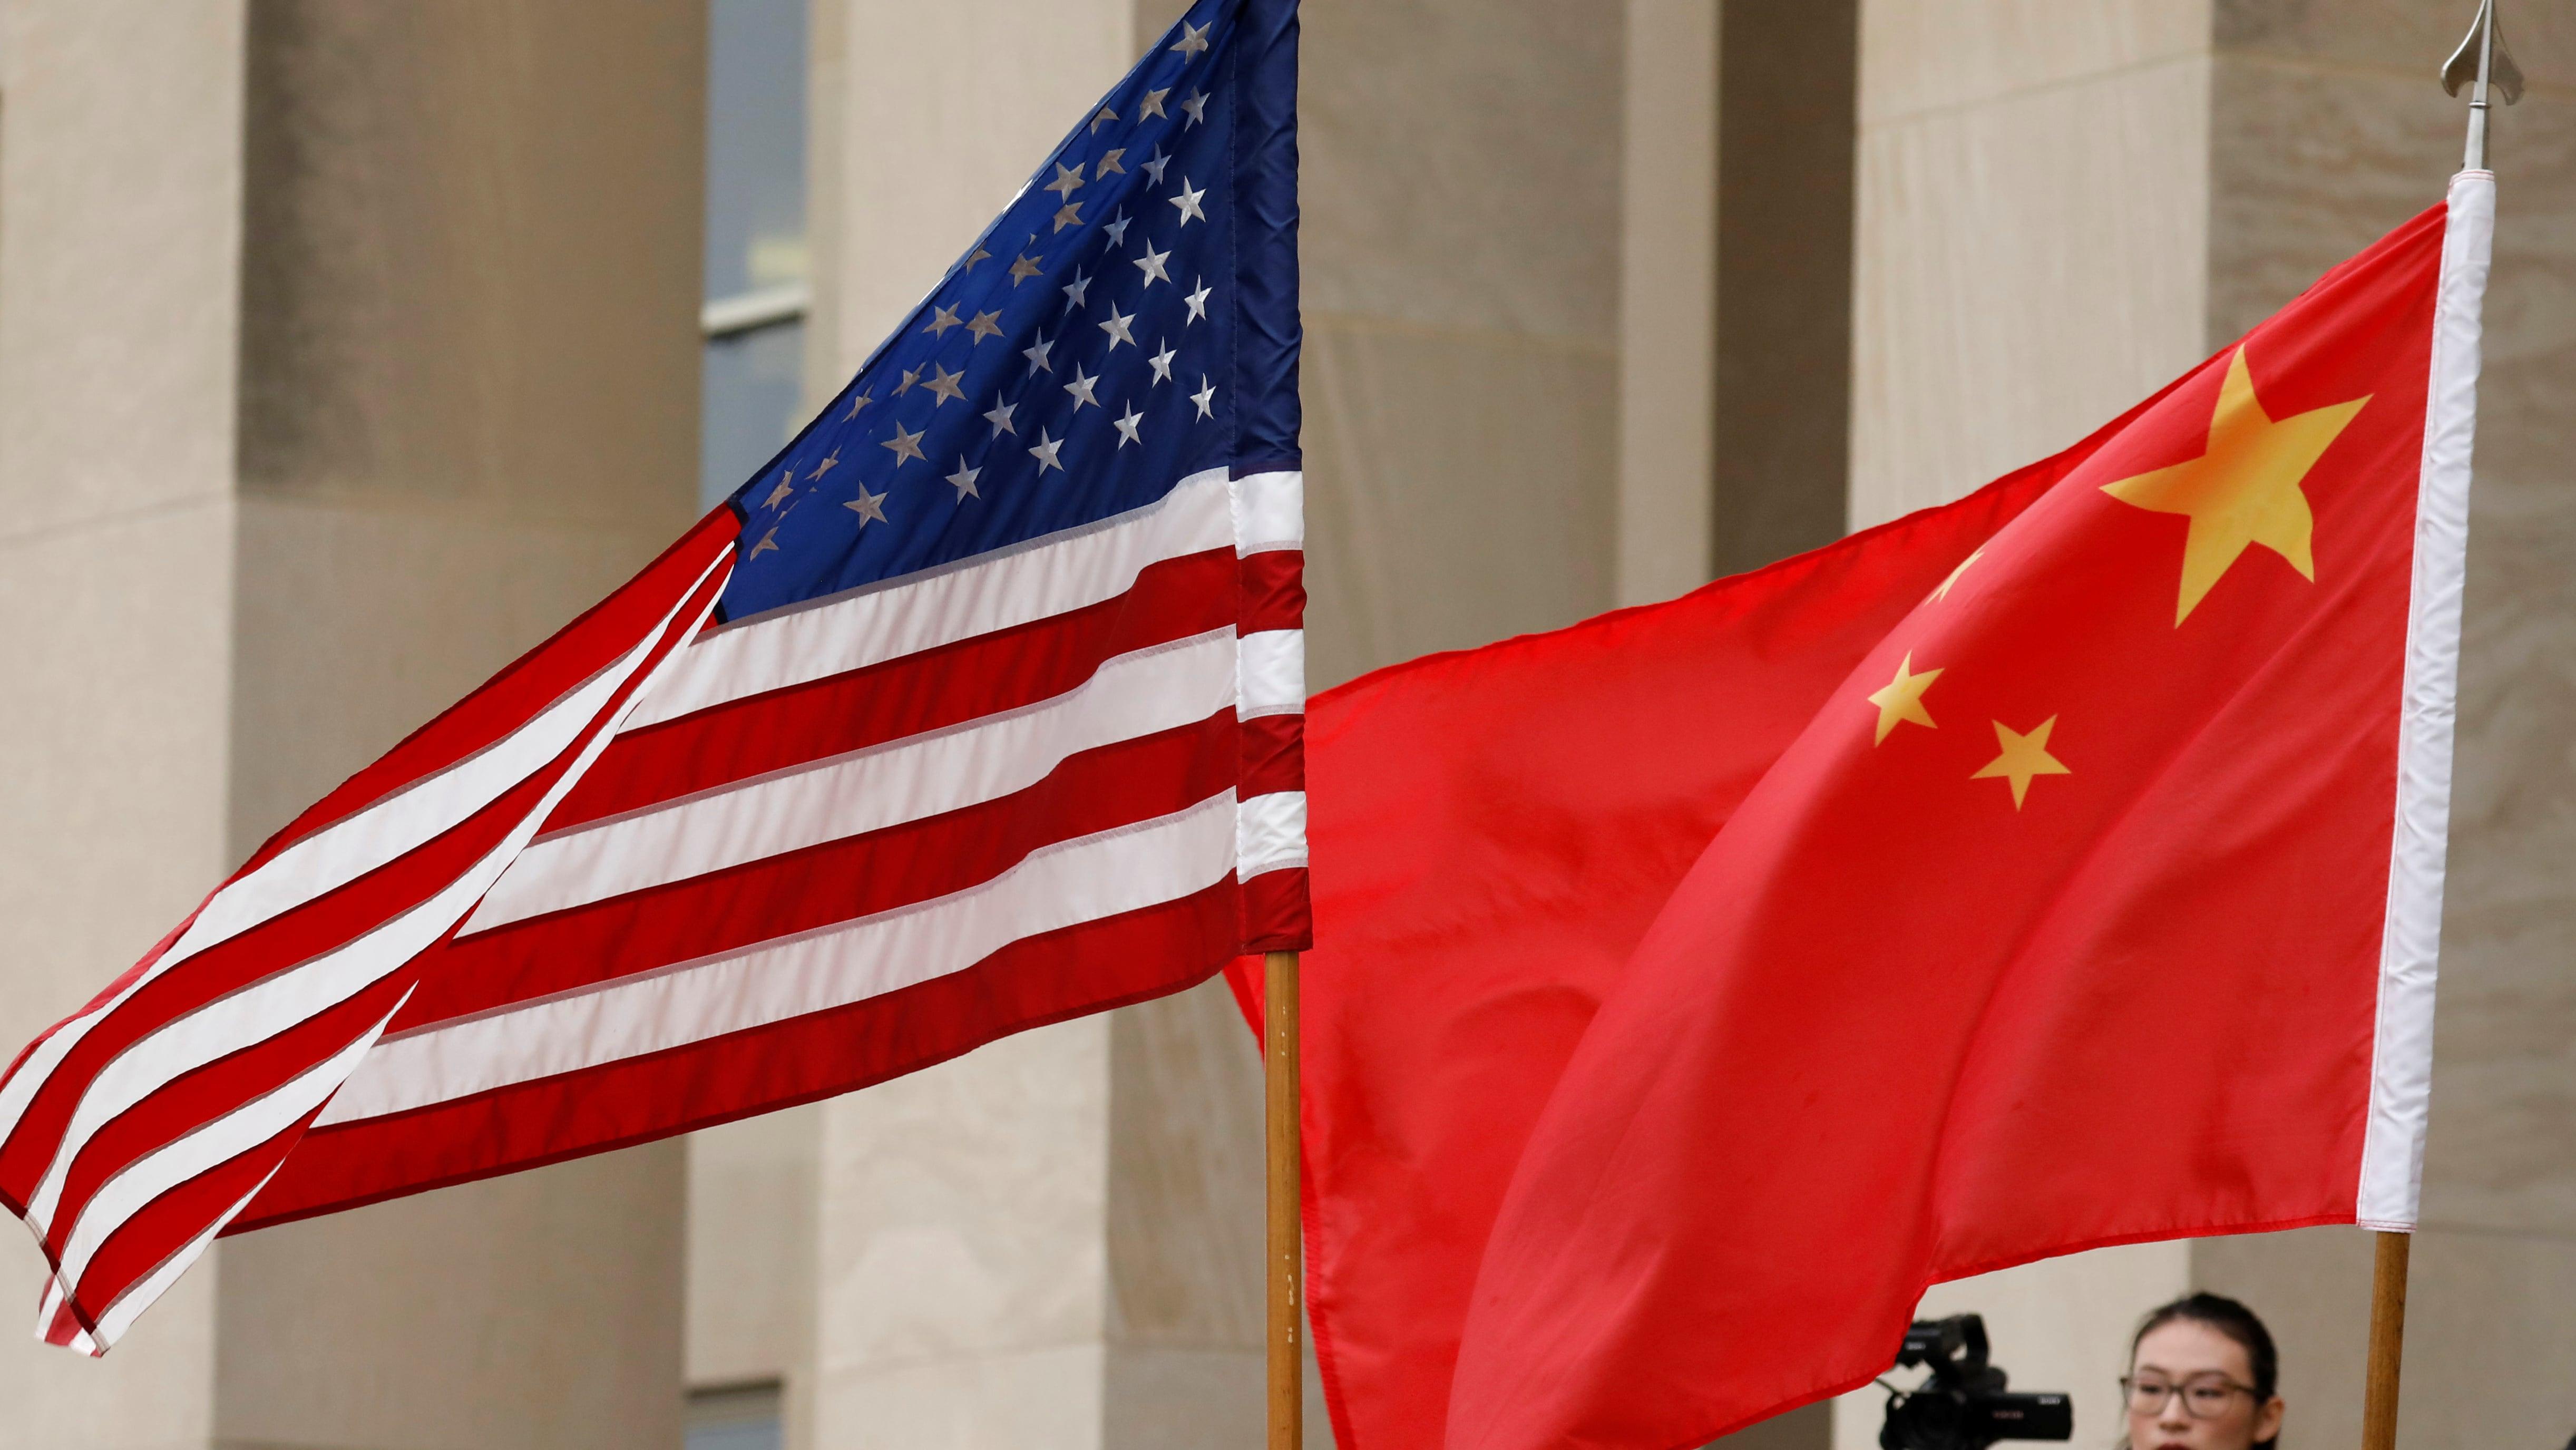 中国 と アメリカ 戦争 現在の状態で、米国vs中国で戦争した場合どちらが勝利すると思います...